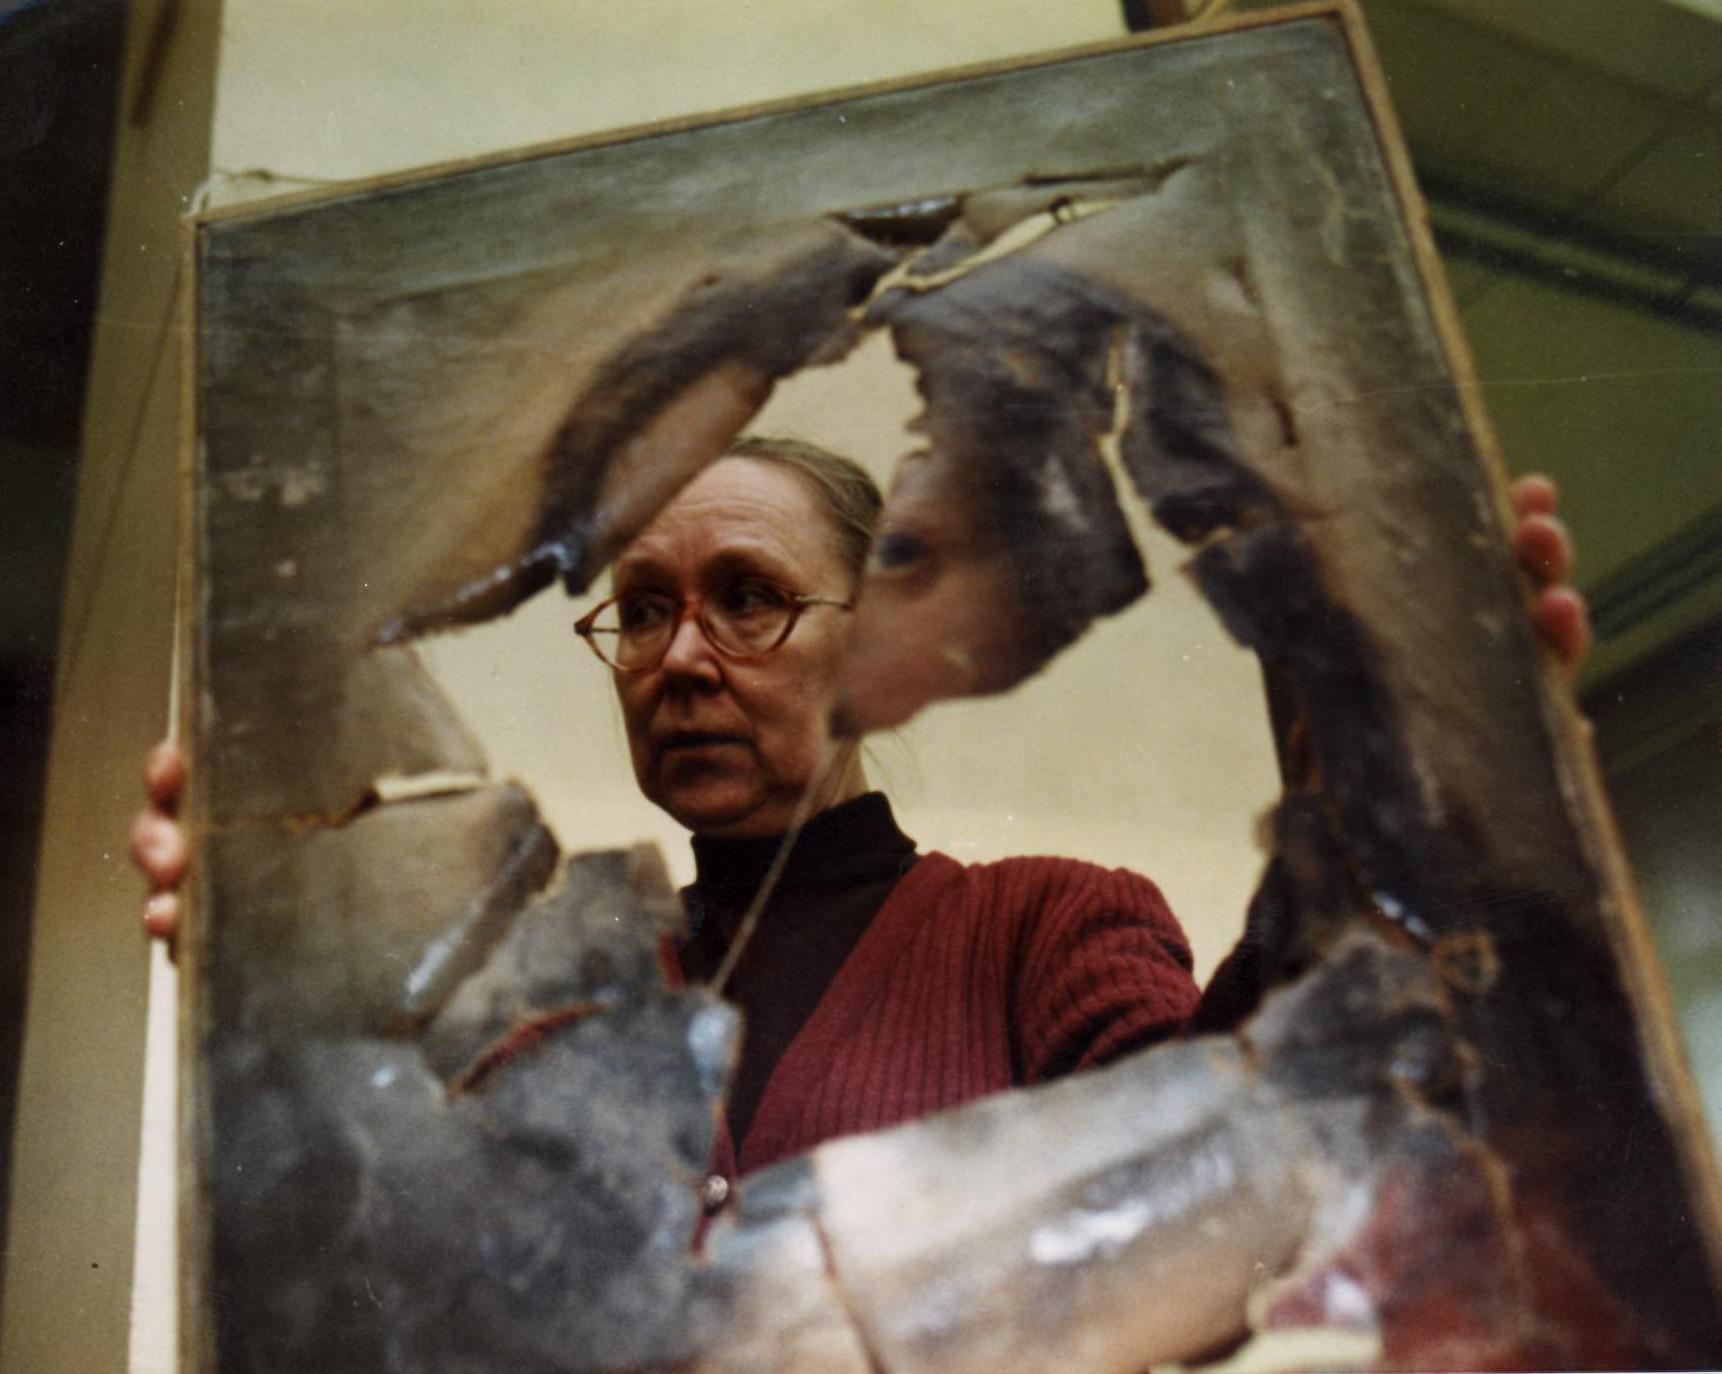 La restauratrice N. Kochkina et une toile abîmée pendant les guerres de Tchétchénie.